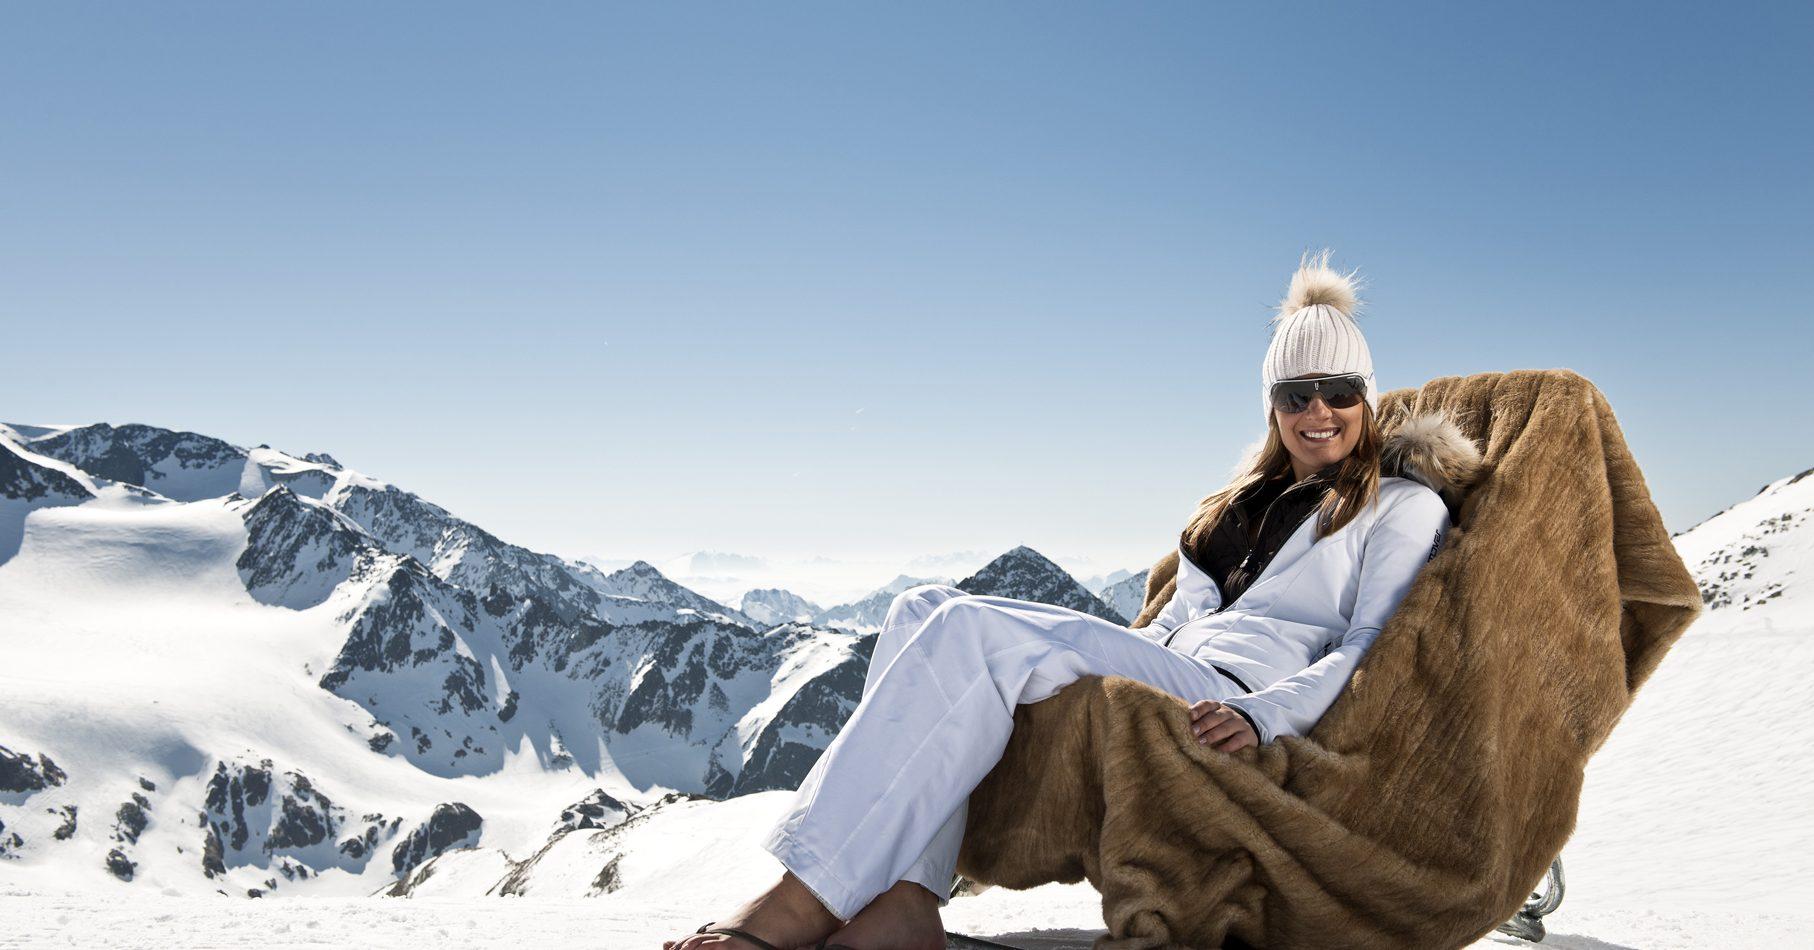 Am Stubaier Gletscher entspannen